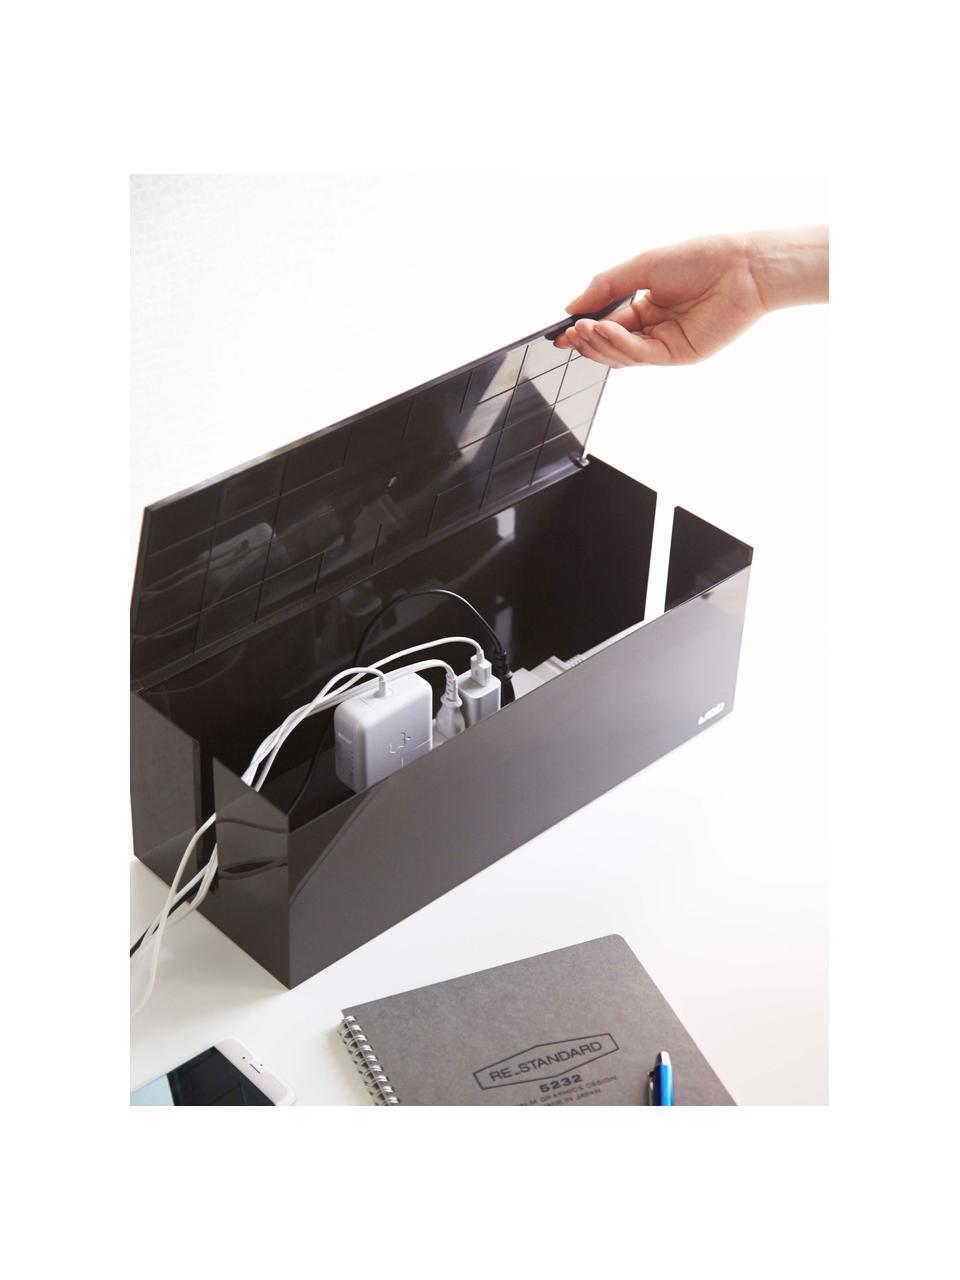 Pudełko na kable Web, Tworzywo sztuczne (poliwęglan), poliresing, Brązowy, S 40 x W 15 cm